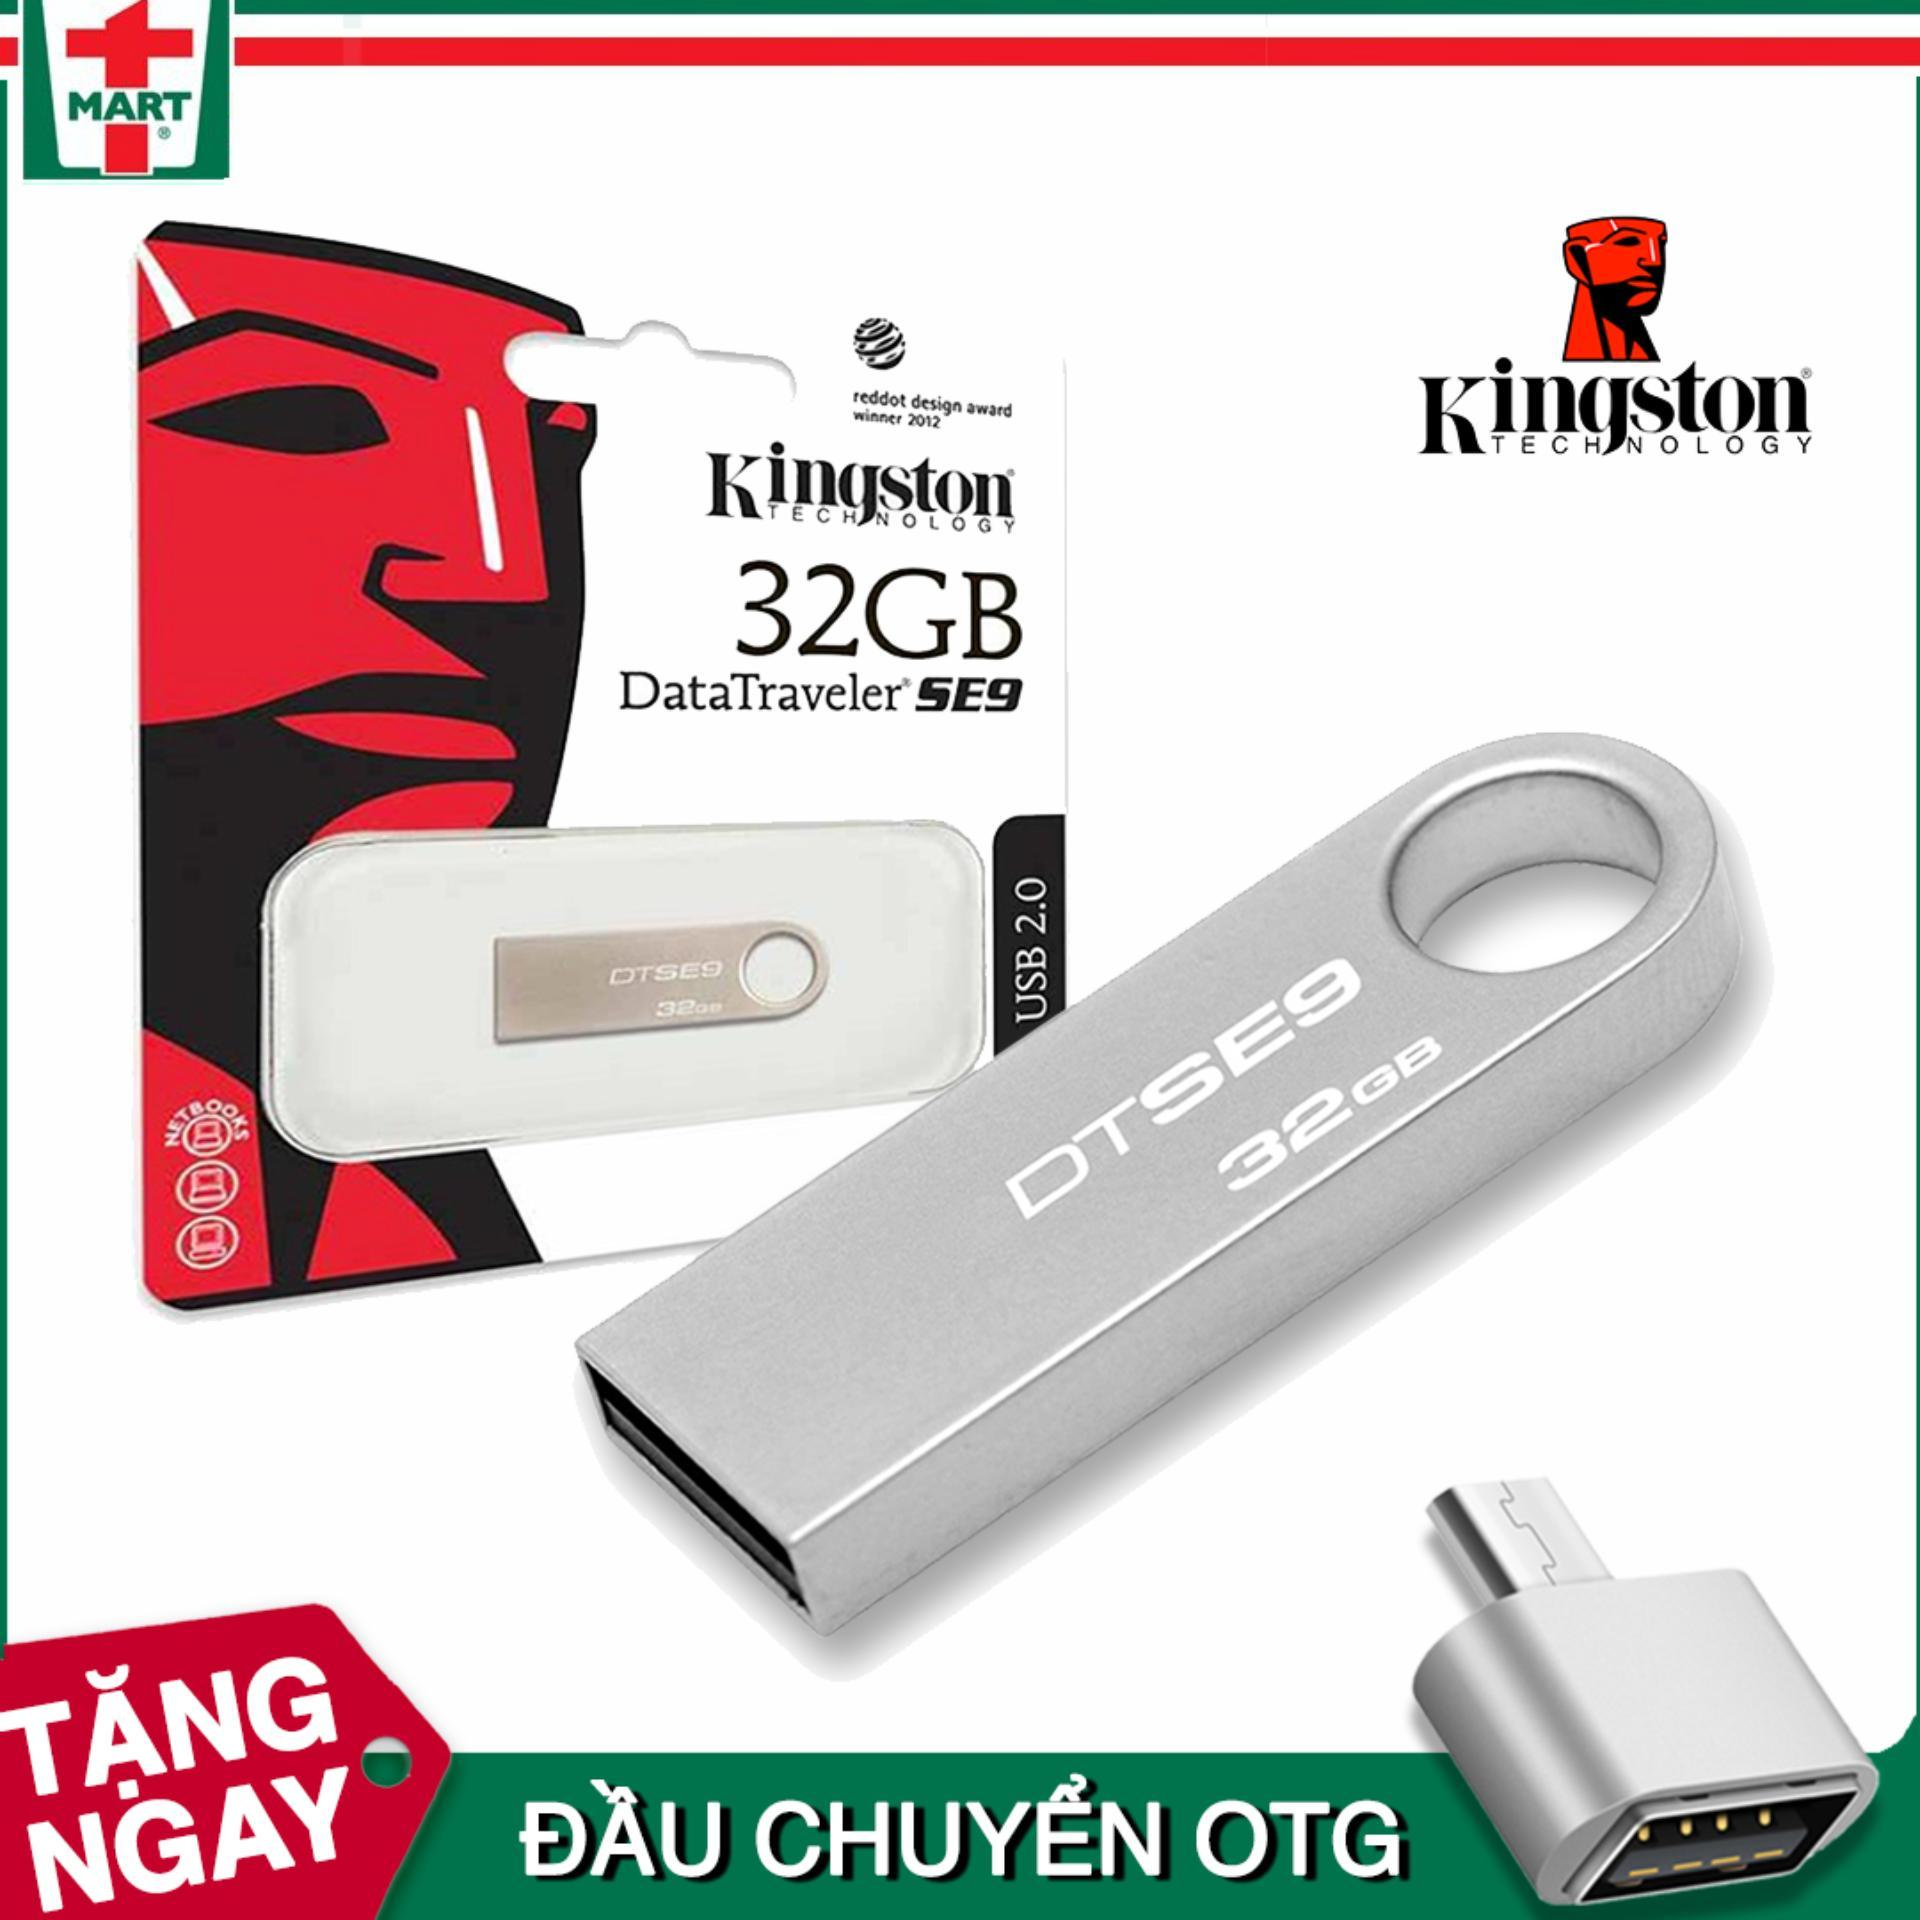 USB 32GB Thương Hiệu Kingston (Màu Bạc) Vỏ Kim Loại Tặng OTG Đang Có Giảm Giá